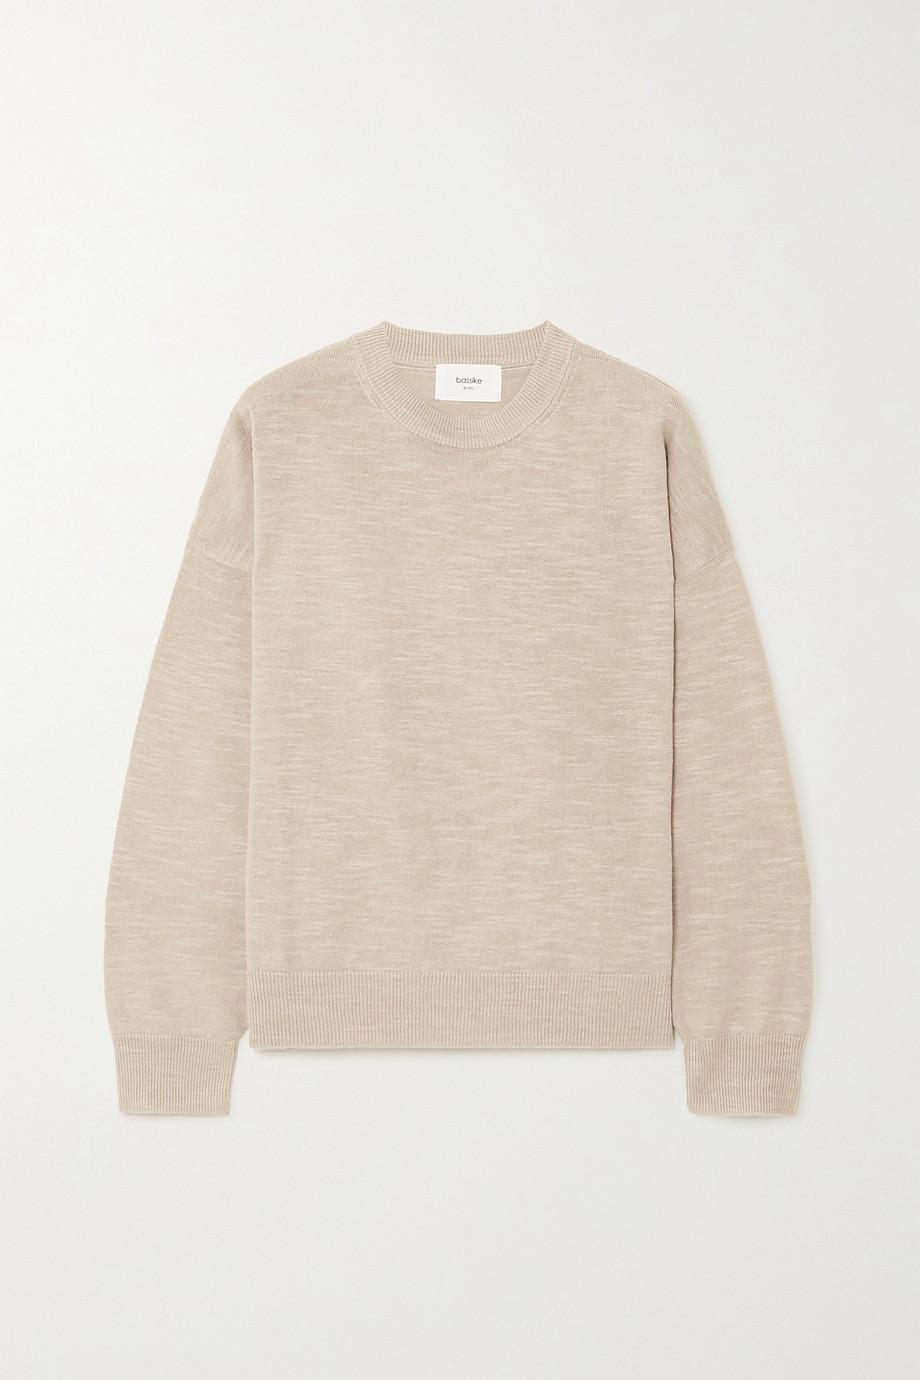 Bassike Oversized-Pullover aus einer Leinen-Baumwollmischung